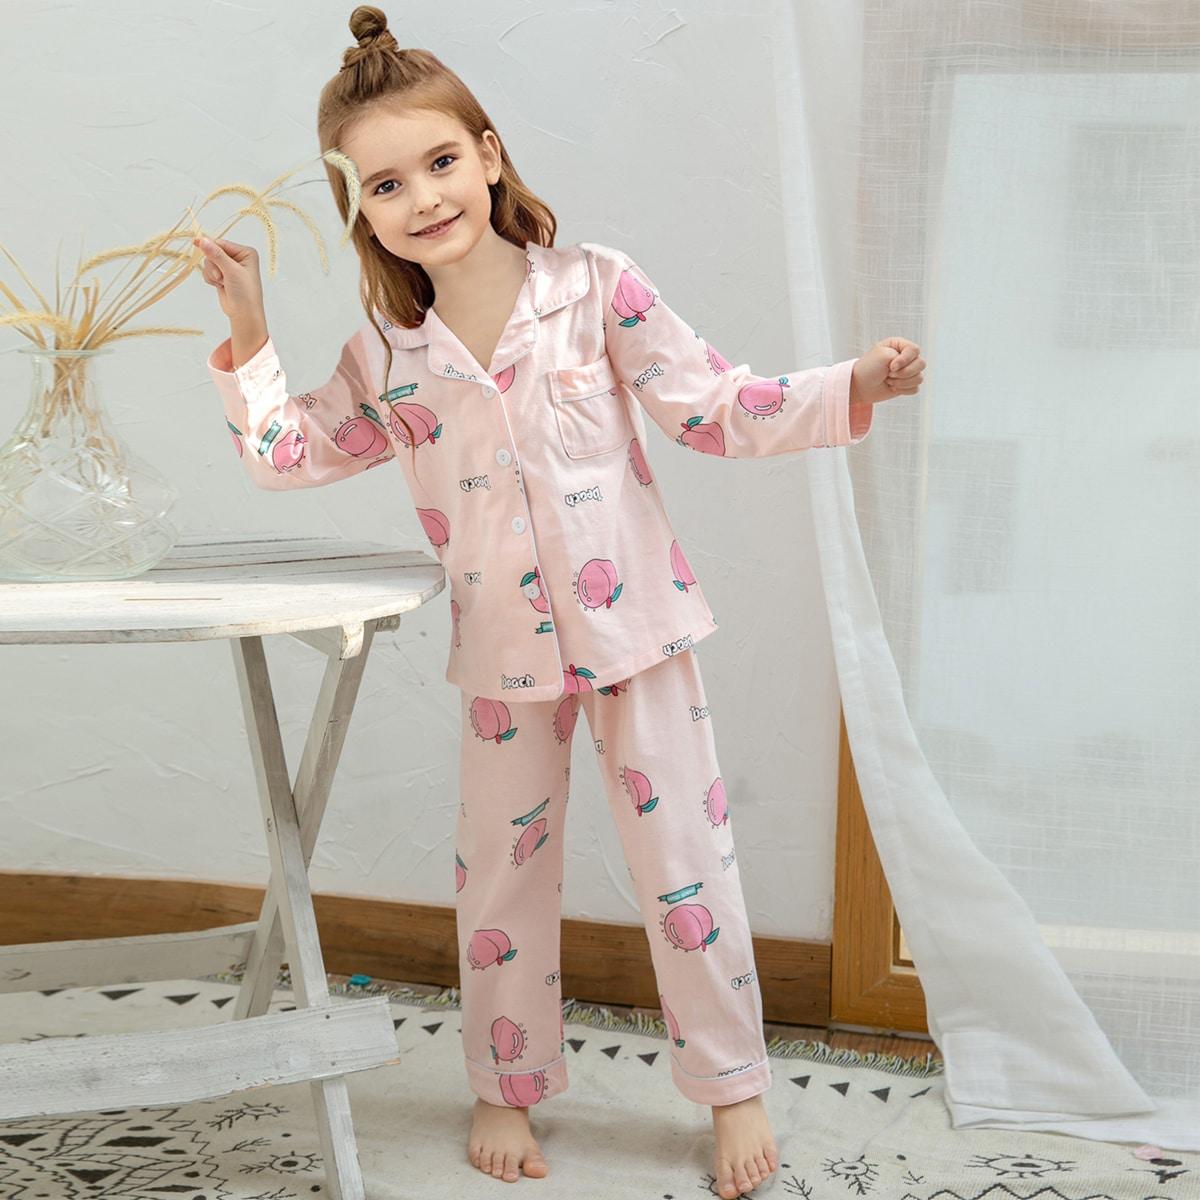 Оранжевый с карманами Текст милый Домашняя одежда для девочек от SHEIN